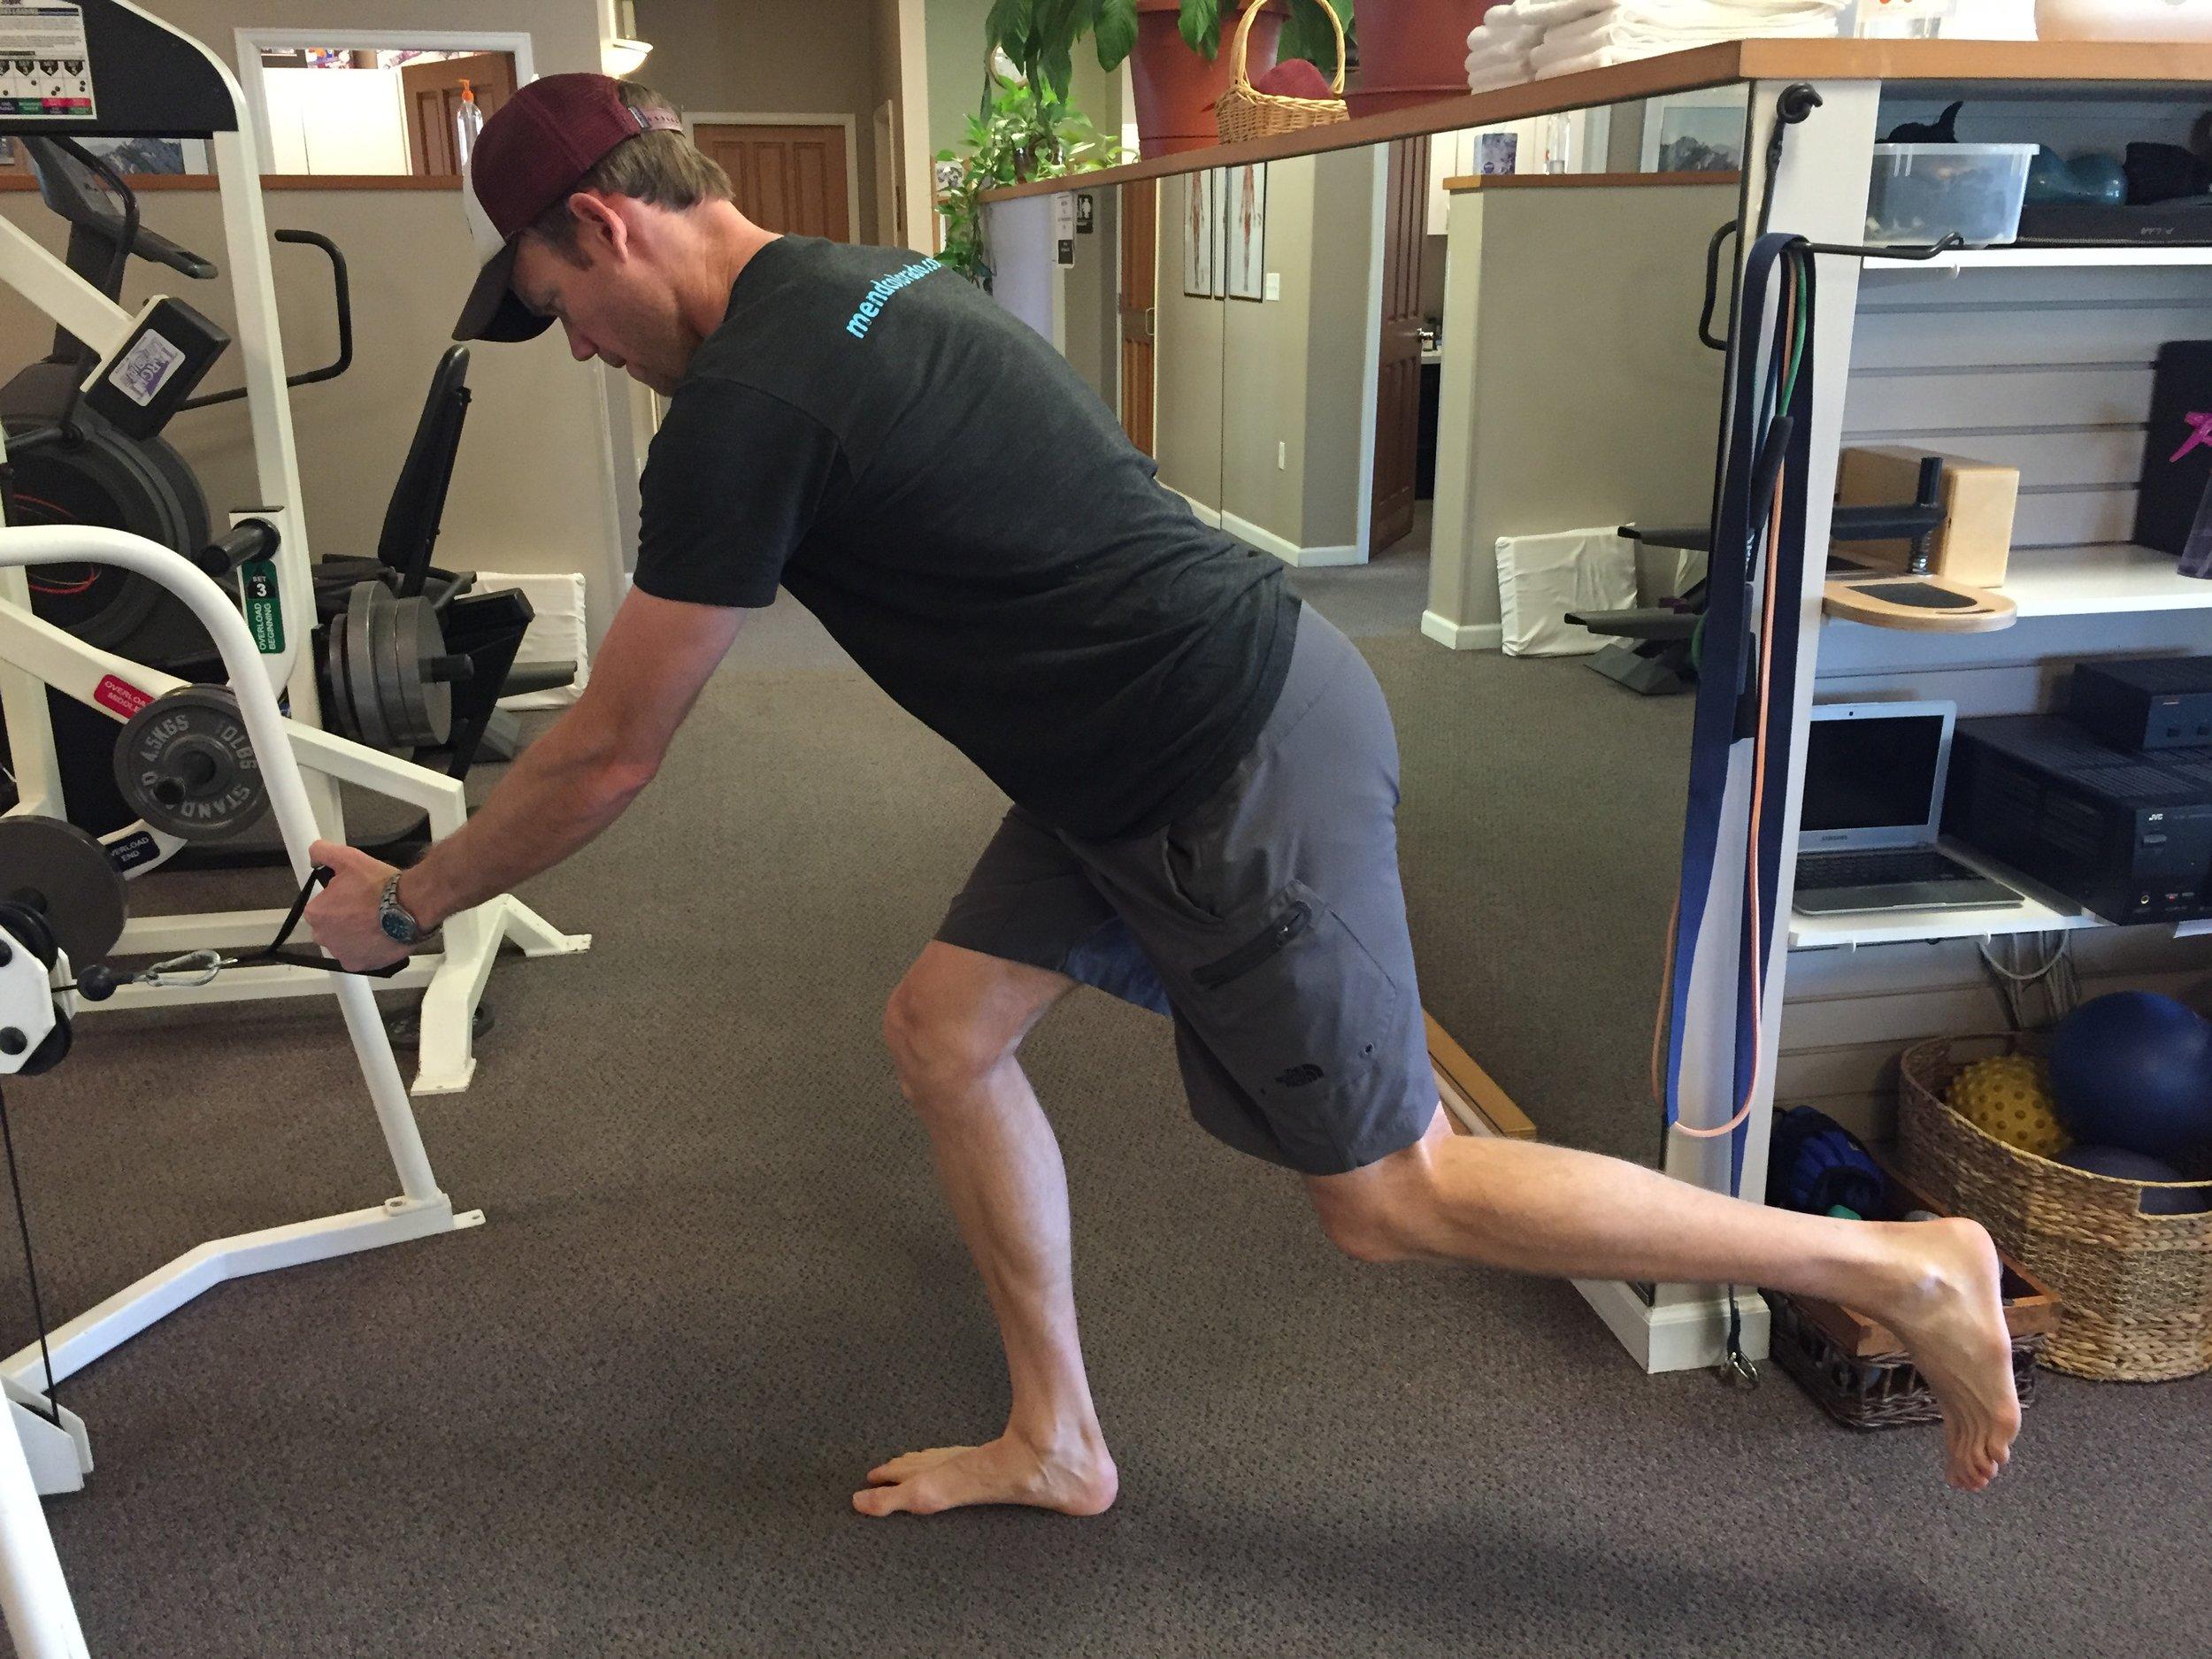 row-deadlift-strengthening-exercise